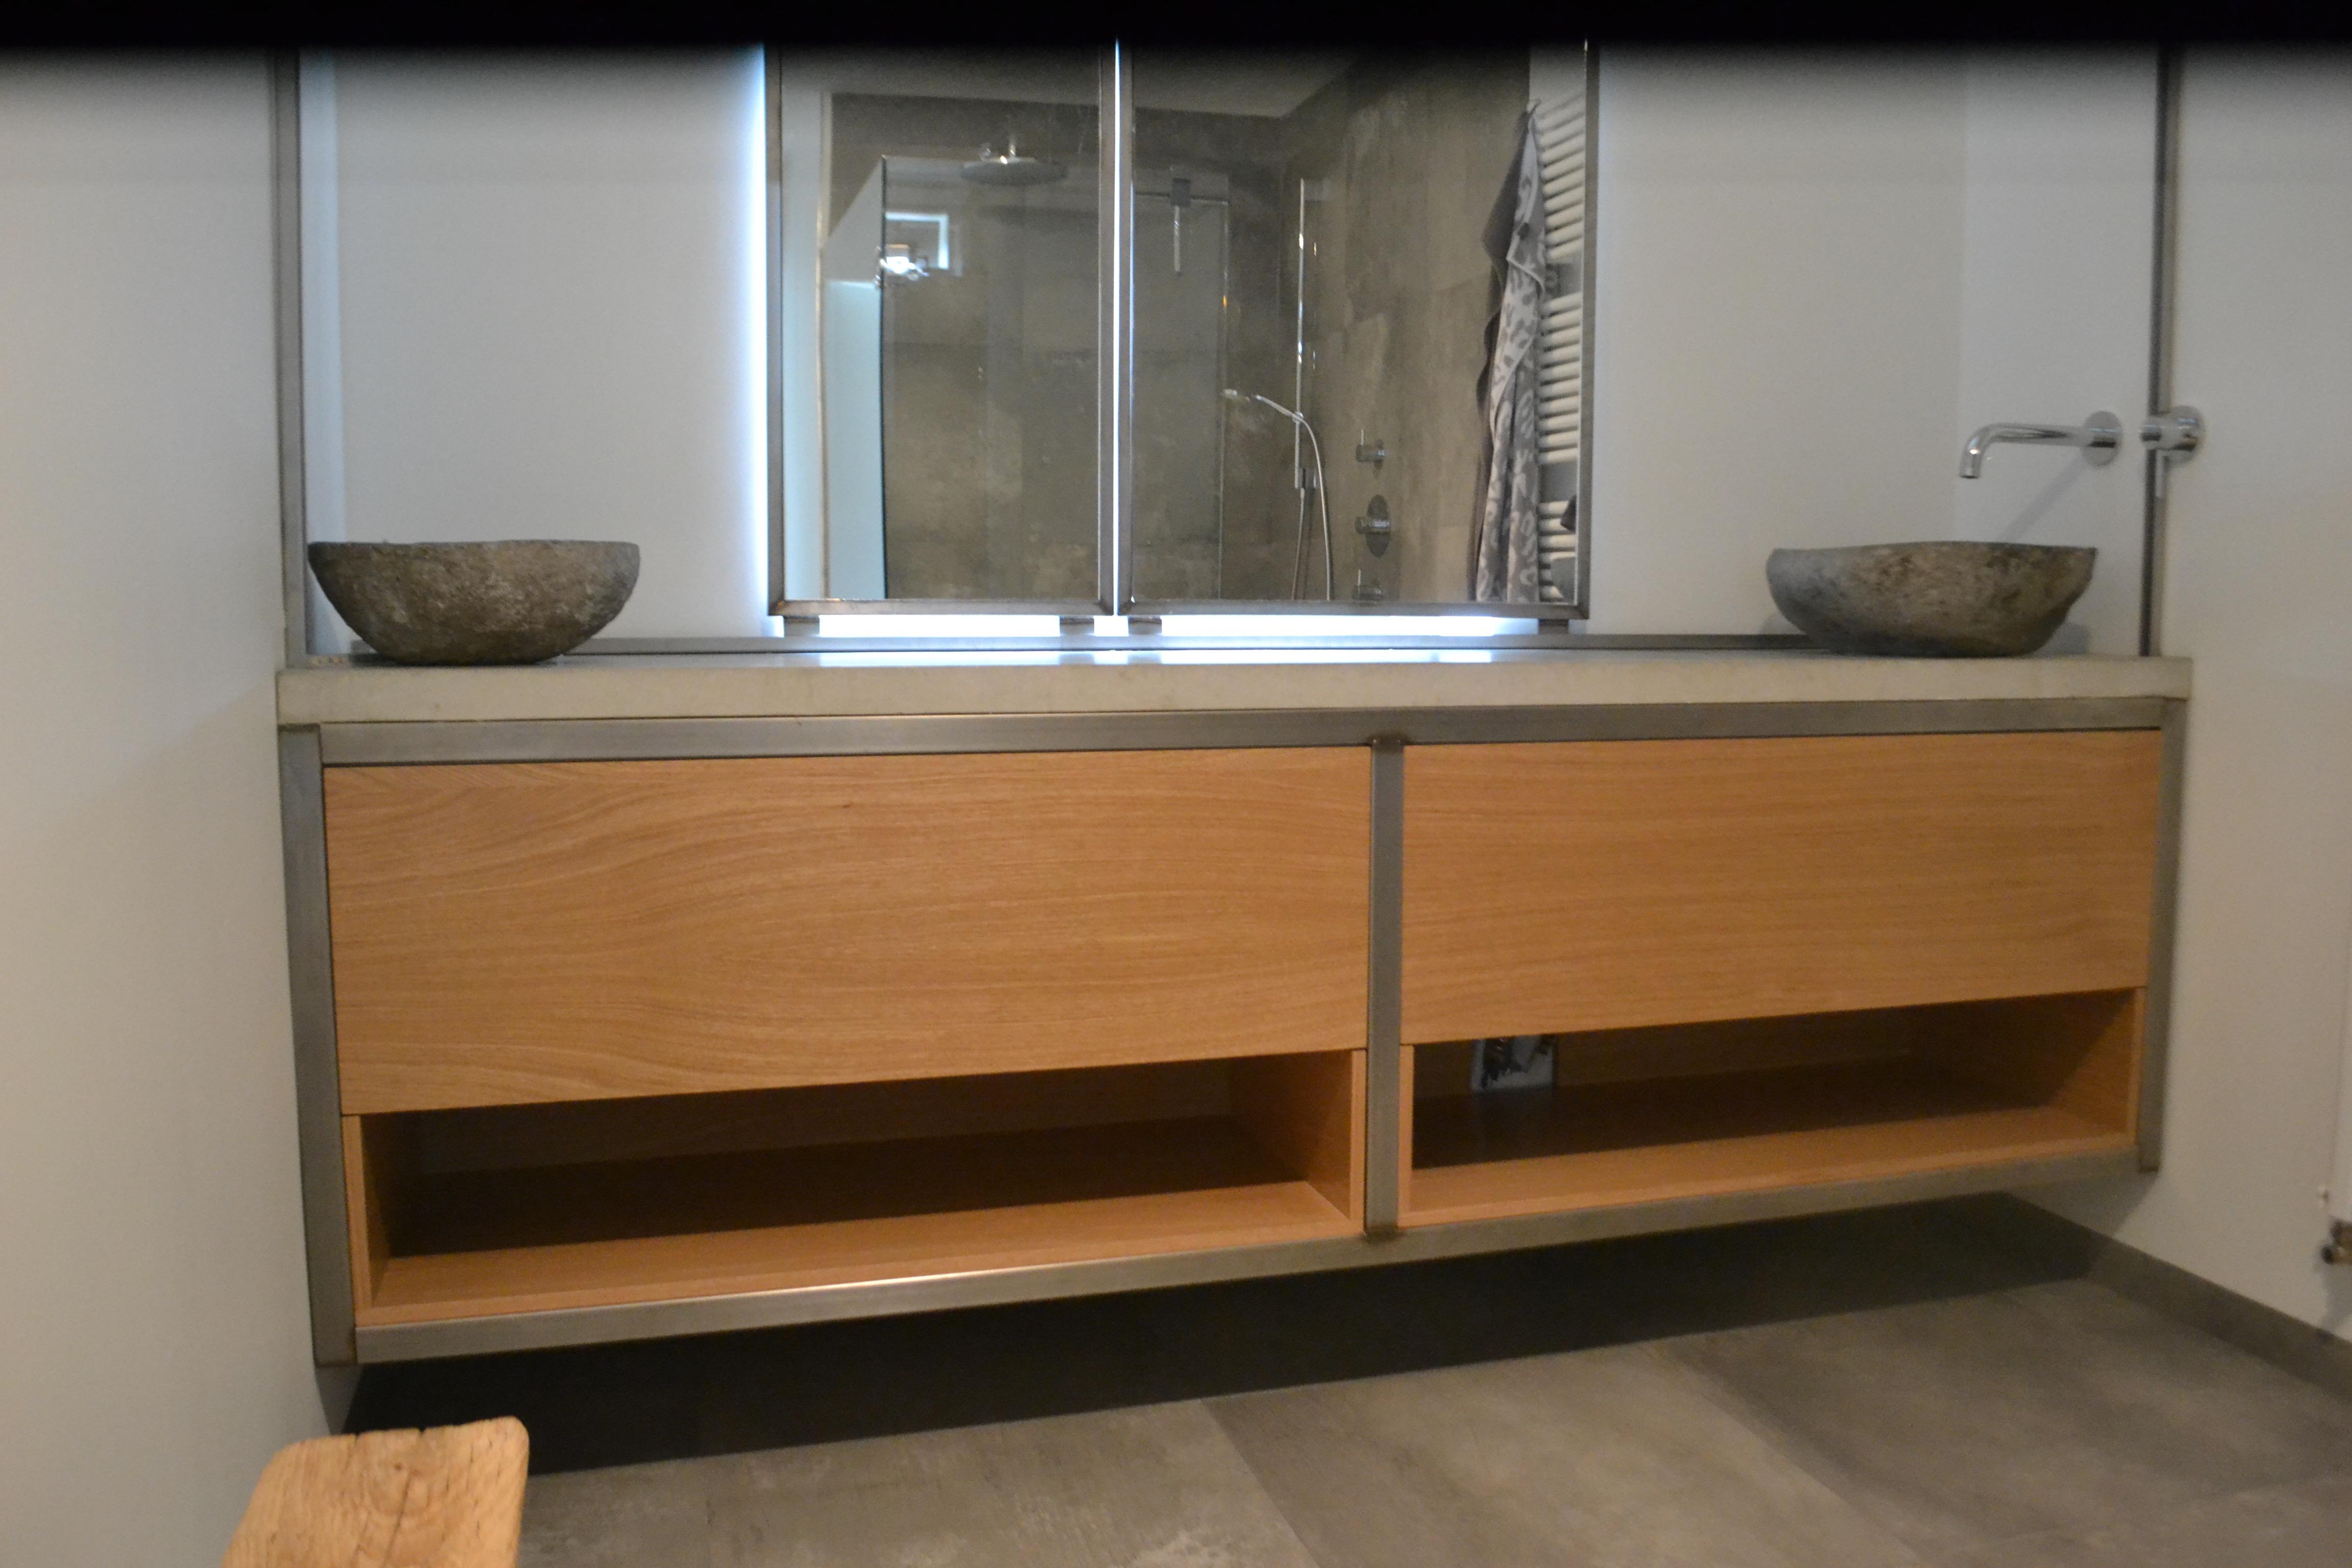 Badkamermeubel op maat hout